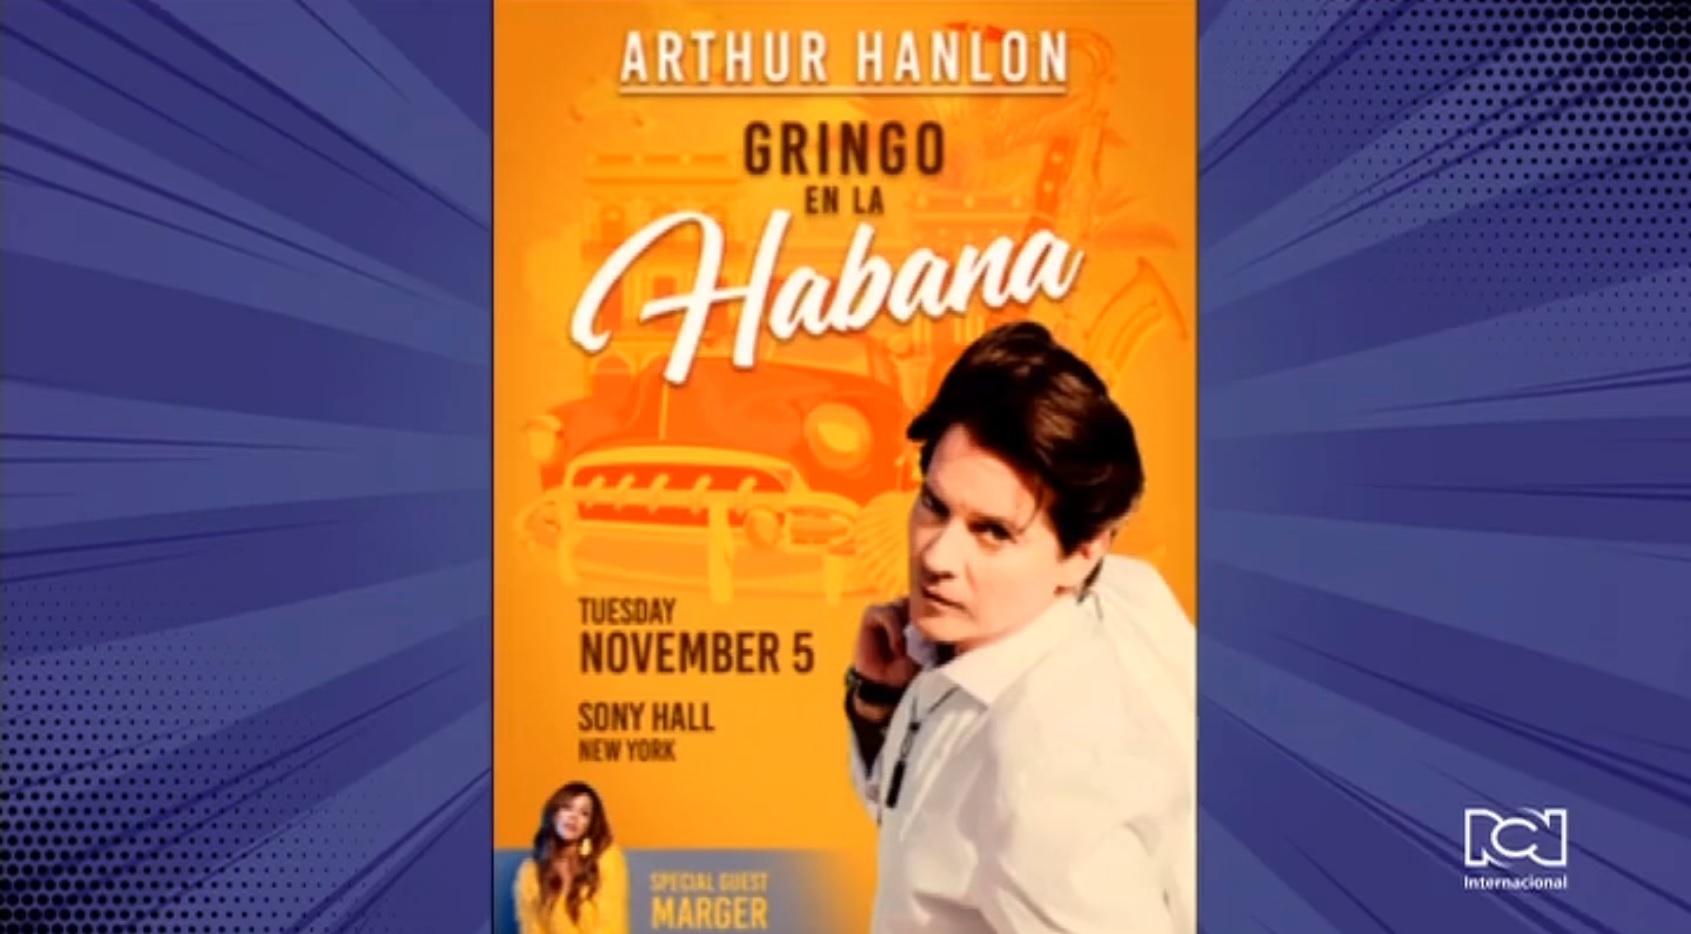 Arthur Hanlon ofrecerá su concierto 'Un gringo en La Habana' este 5 de noviembre en el Sony Hall de Nueva York